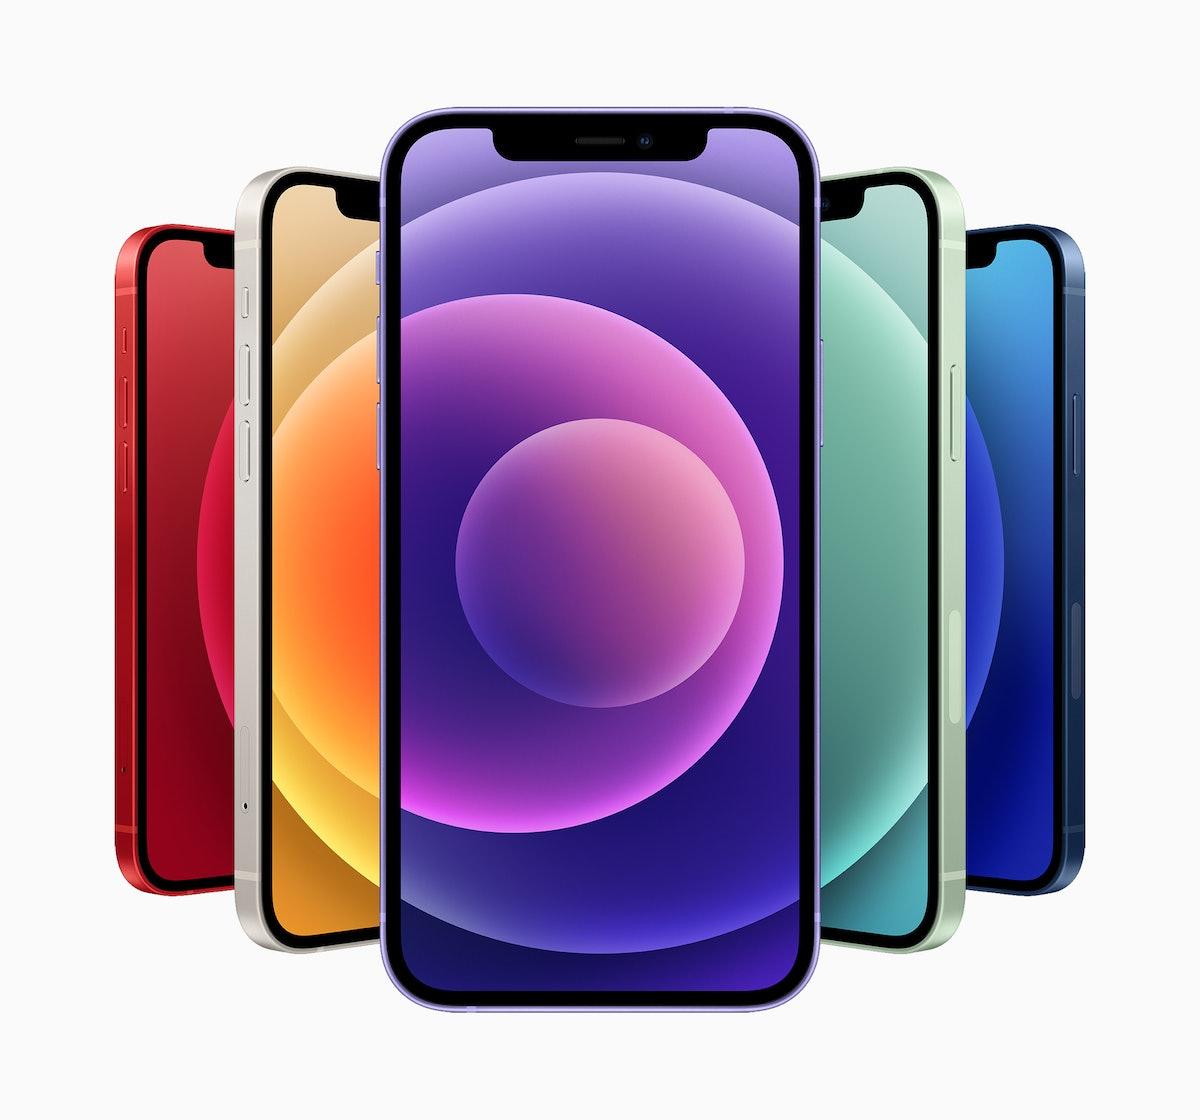 Apple's Purple iPhone 12 release date is so soon.